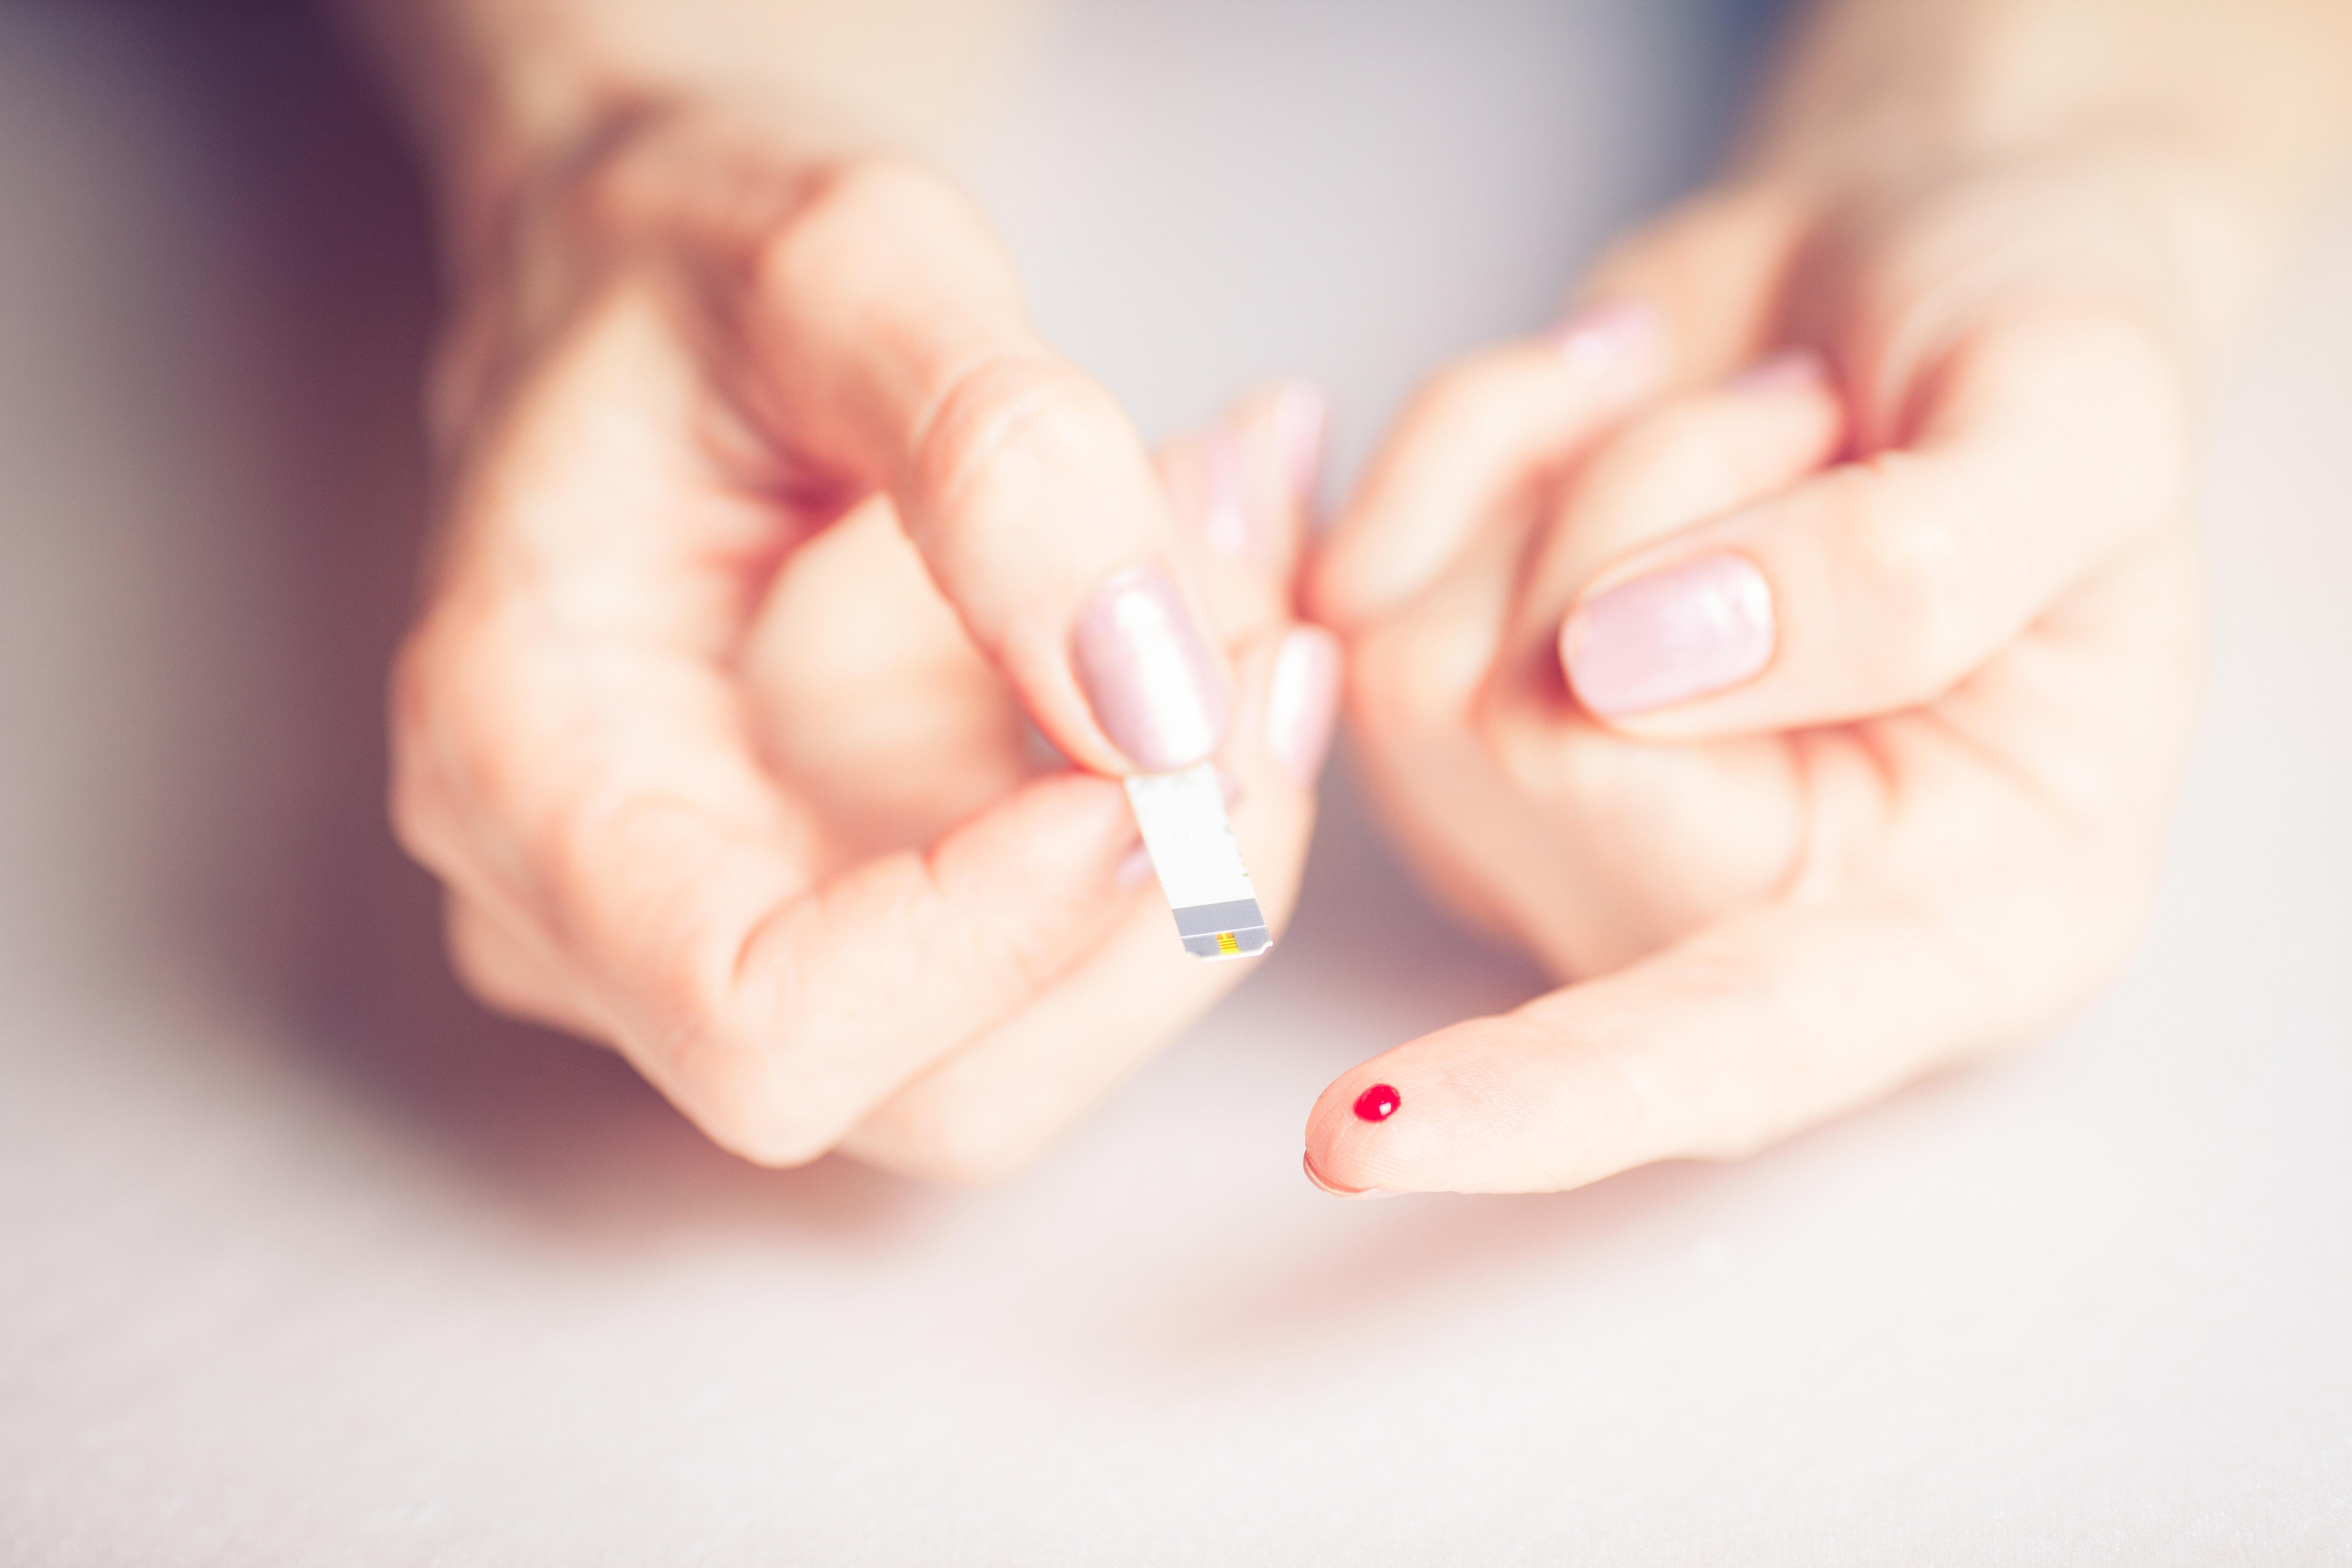 L'insuline, intelligente, fait toute seule le travail de contrôle de la glycémie et ajuste son activité en fonction des niveaux de glucose dans le sang (Visuel Adobe Stock 113201522)